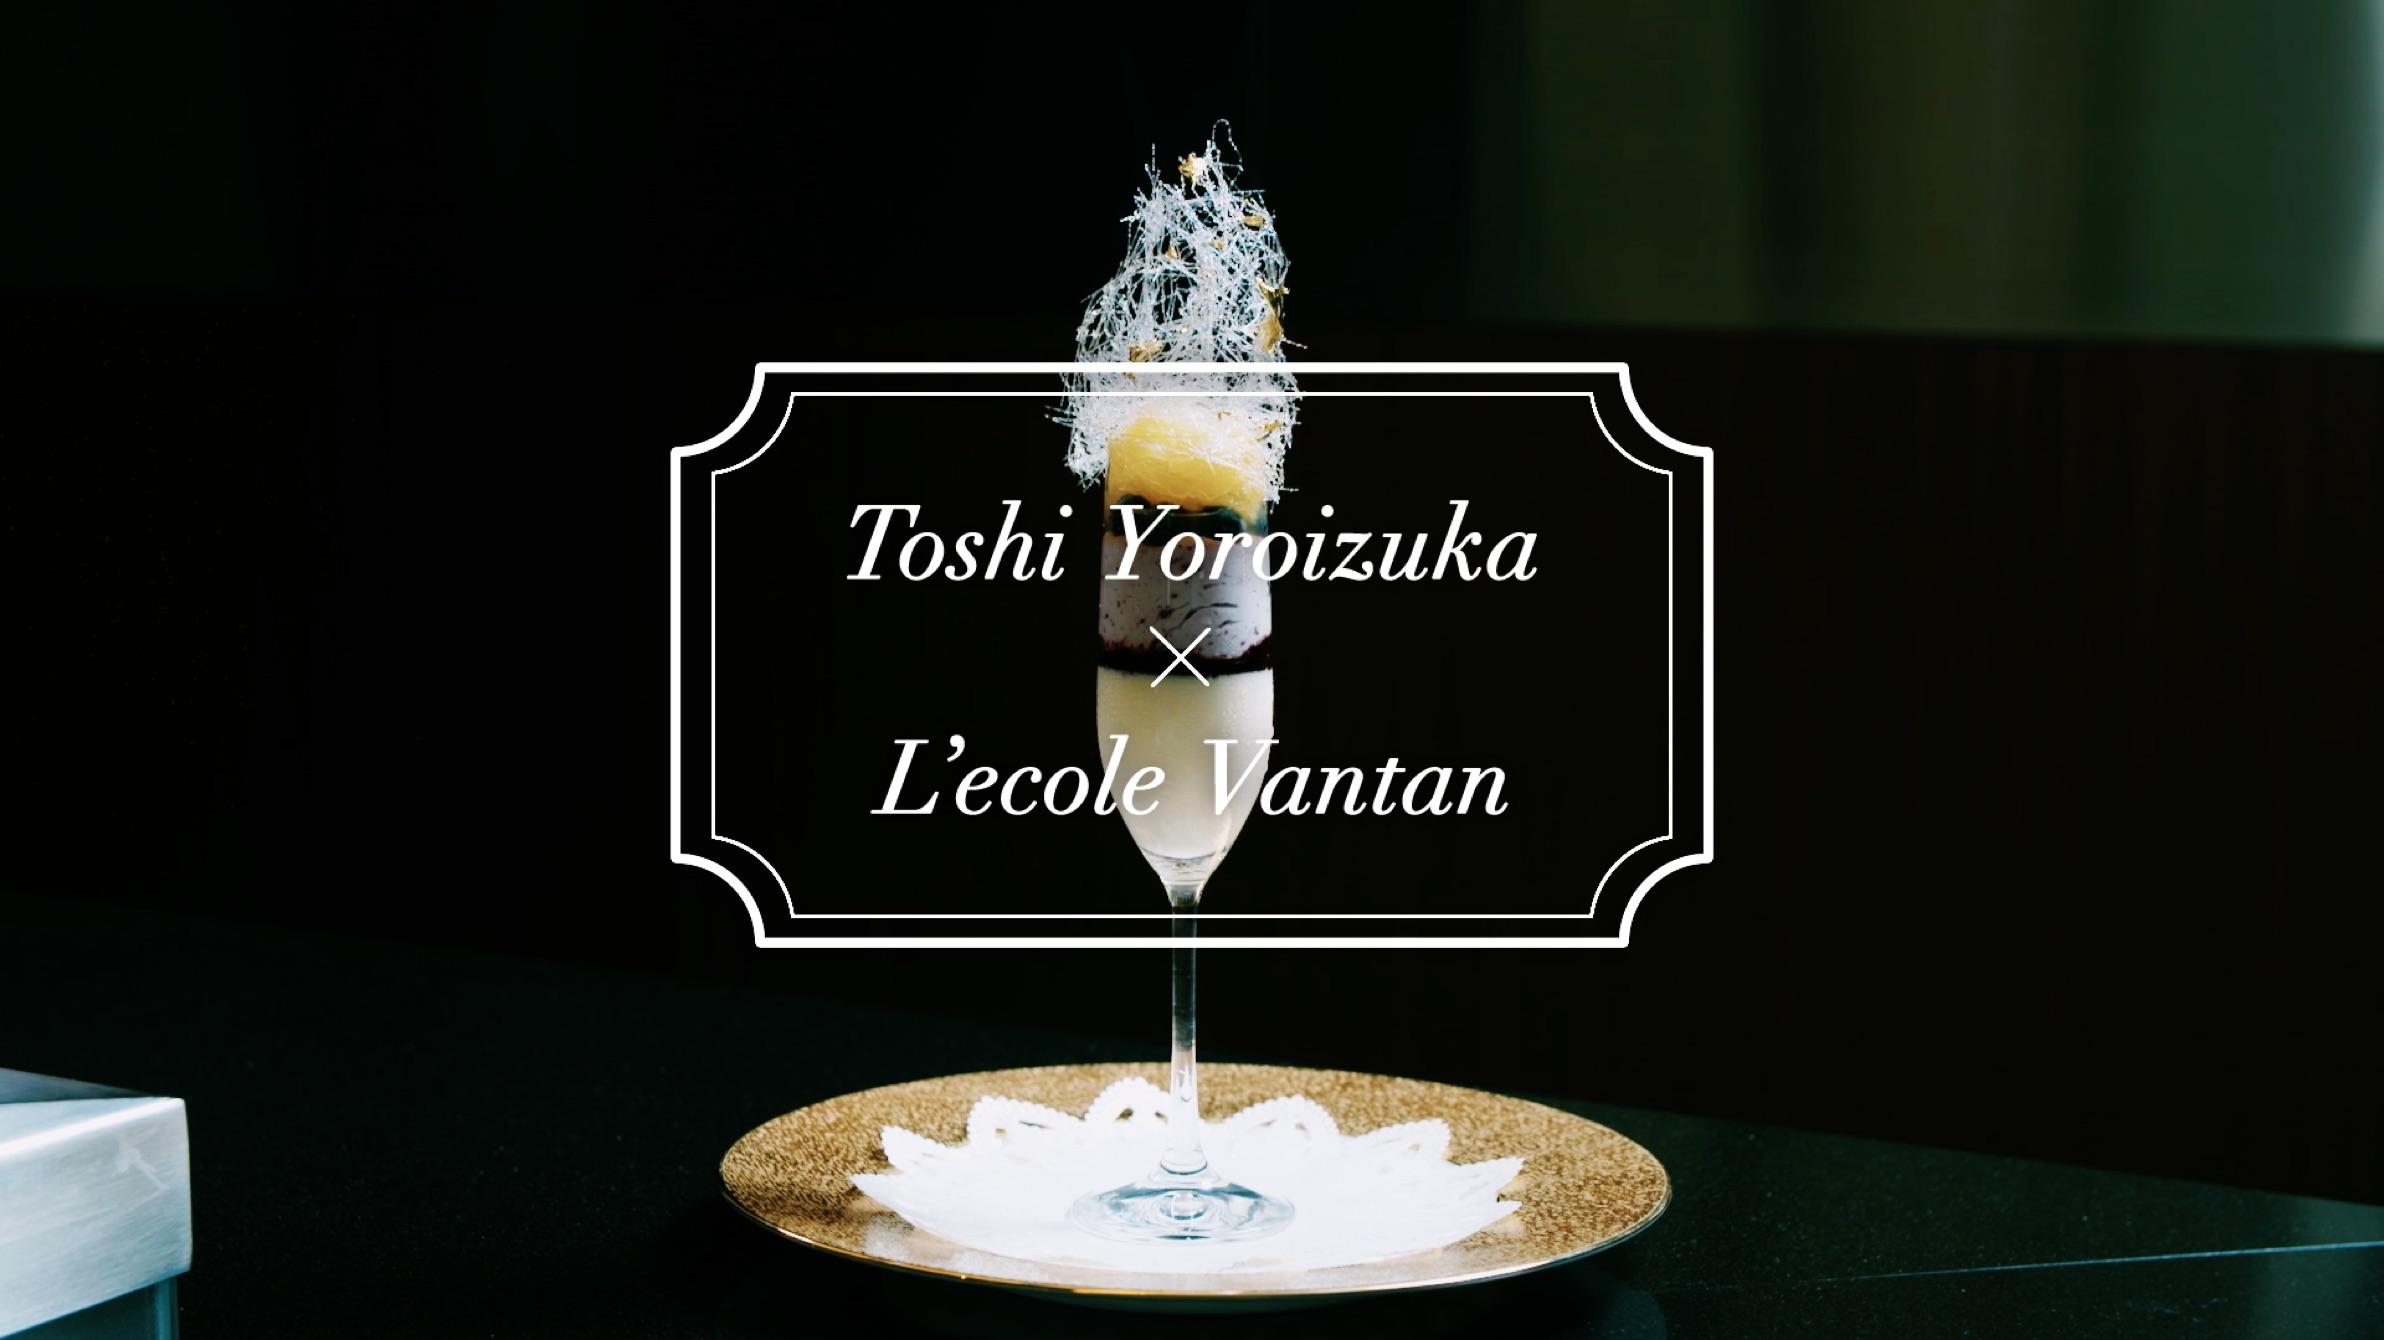 Toshi Yoroizuka × L'ecole Vantan